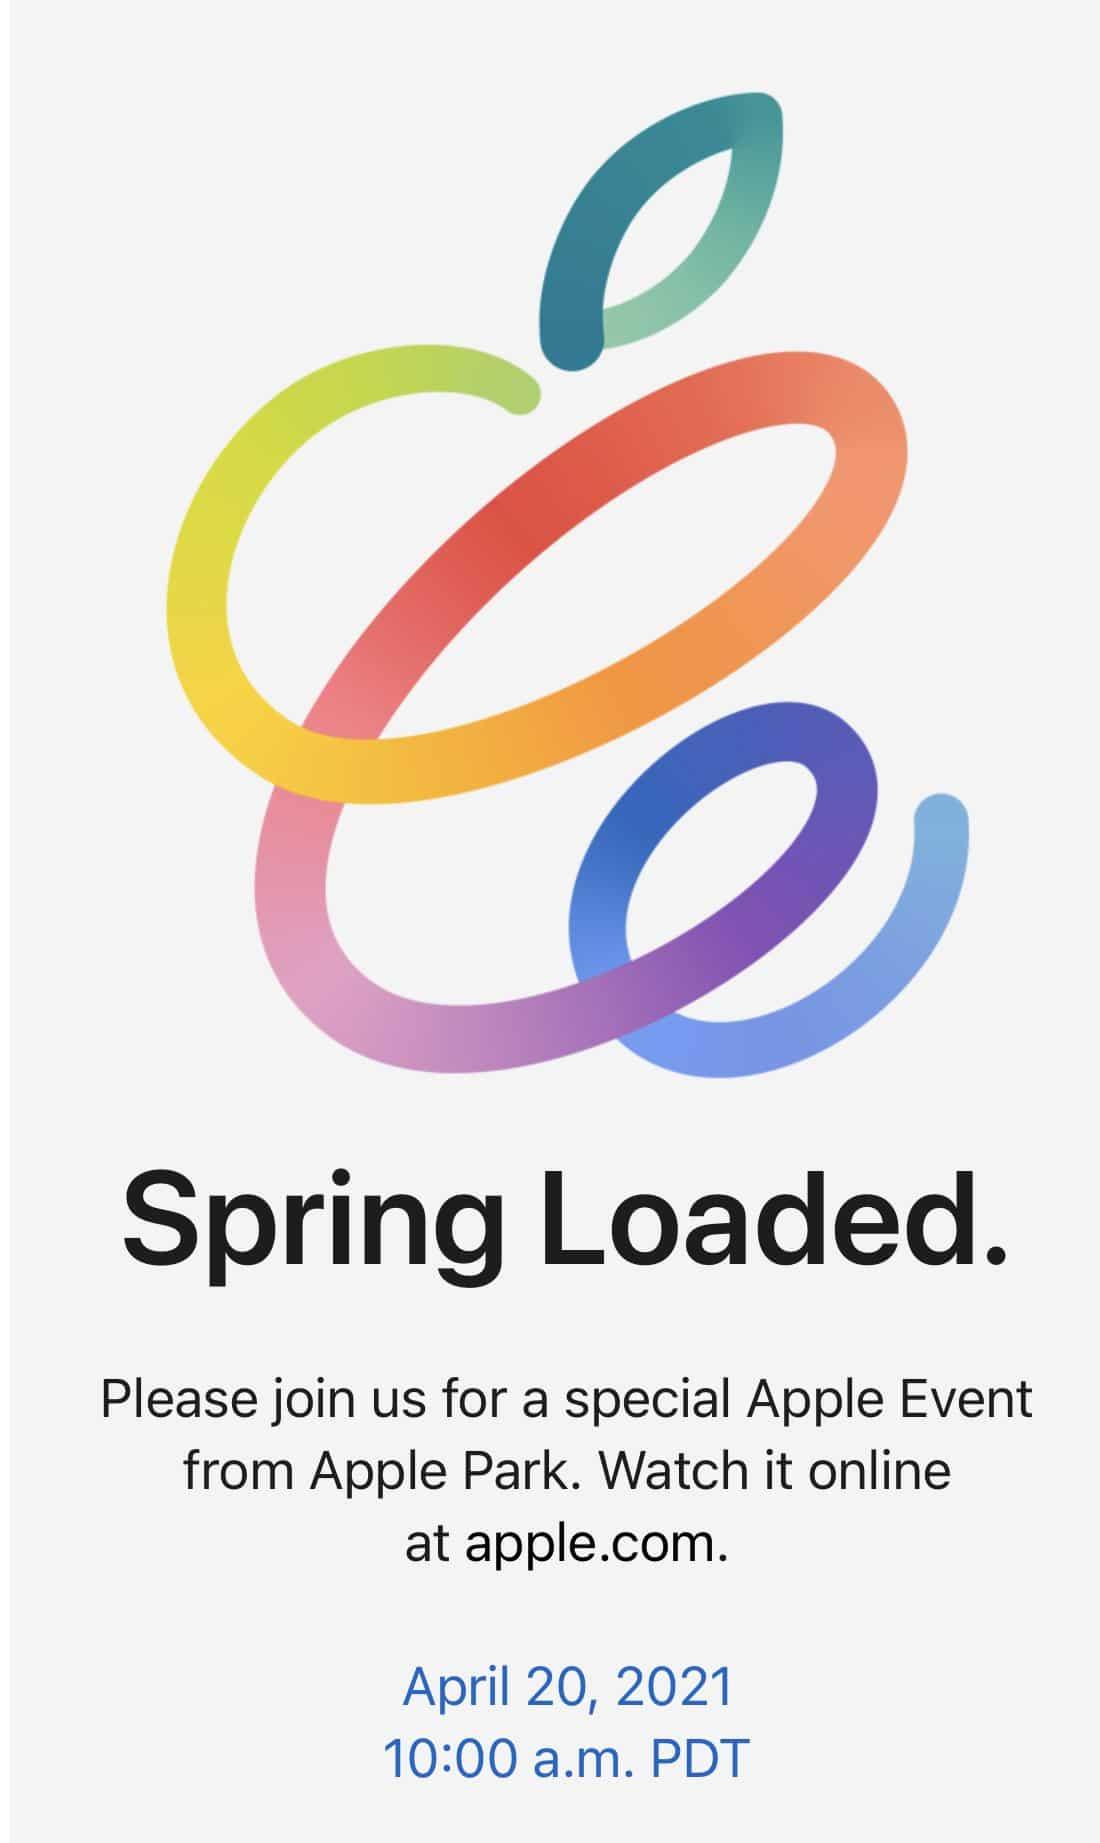 Convite do evento da Apple no dia 20 de abril